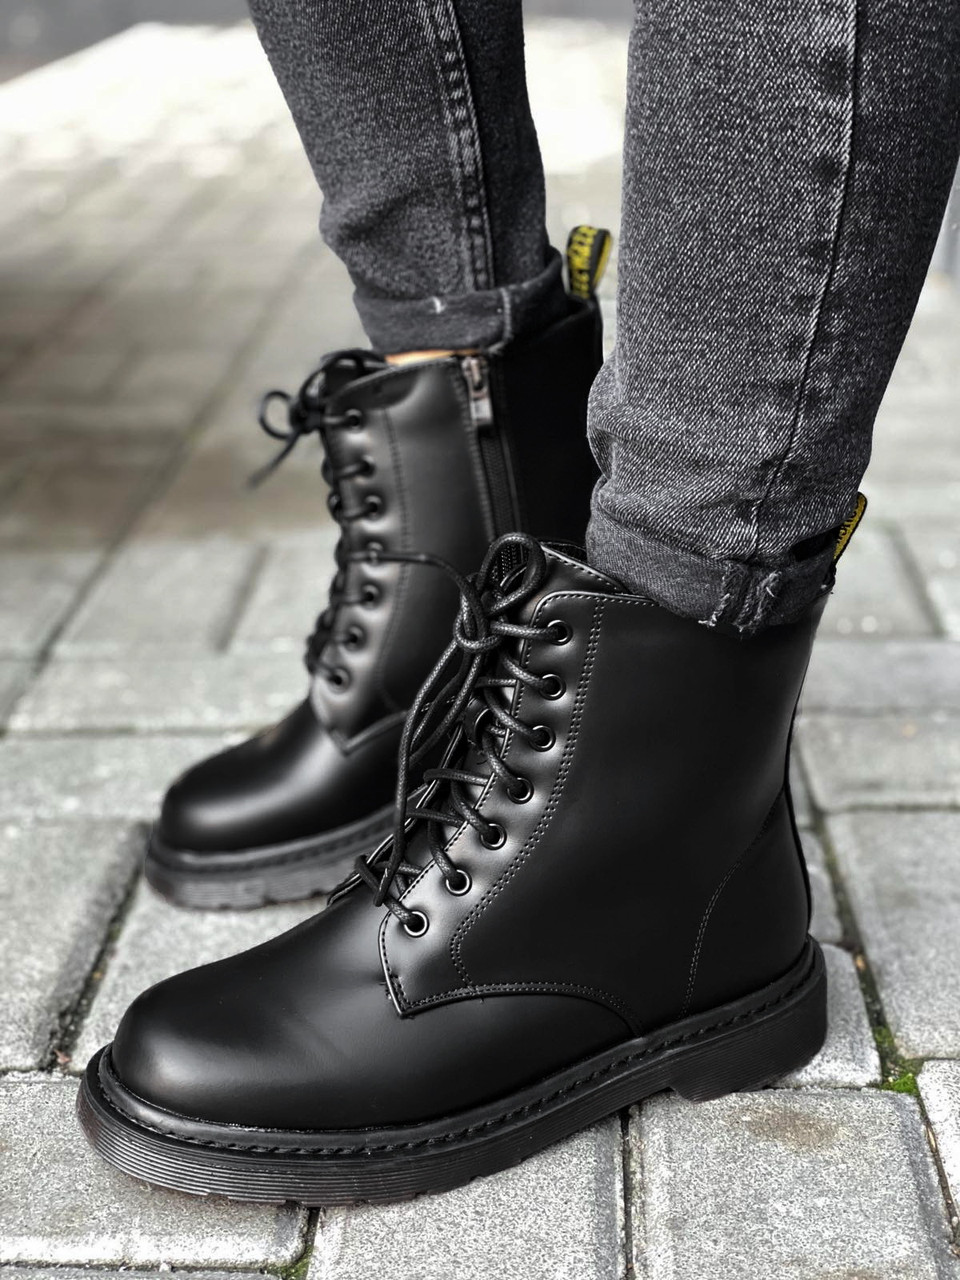 Ботинки женские обувь кеды кроссовки брендовая реплика копия